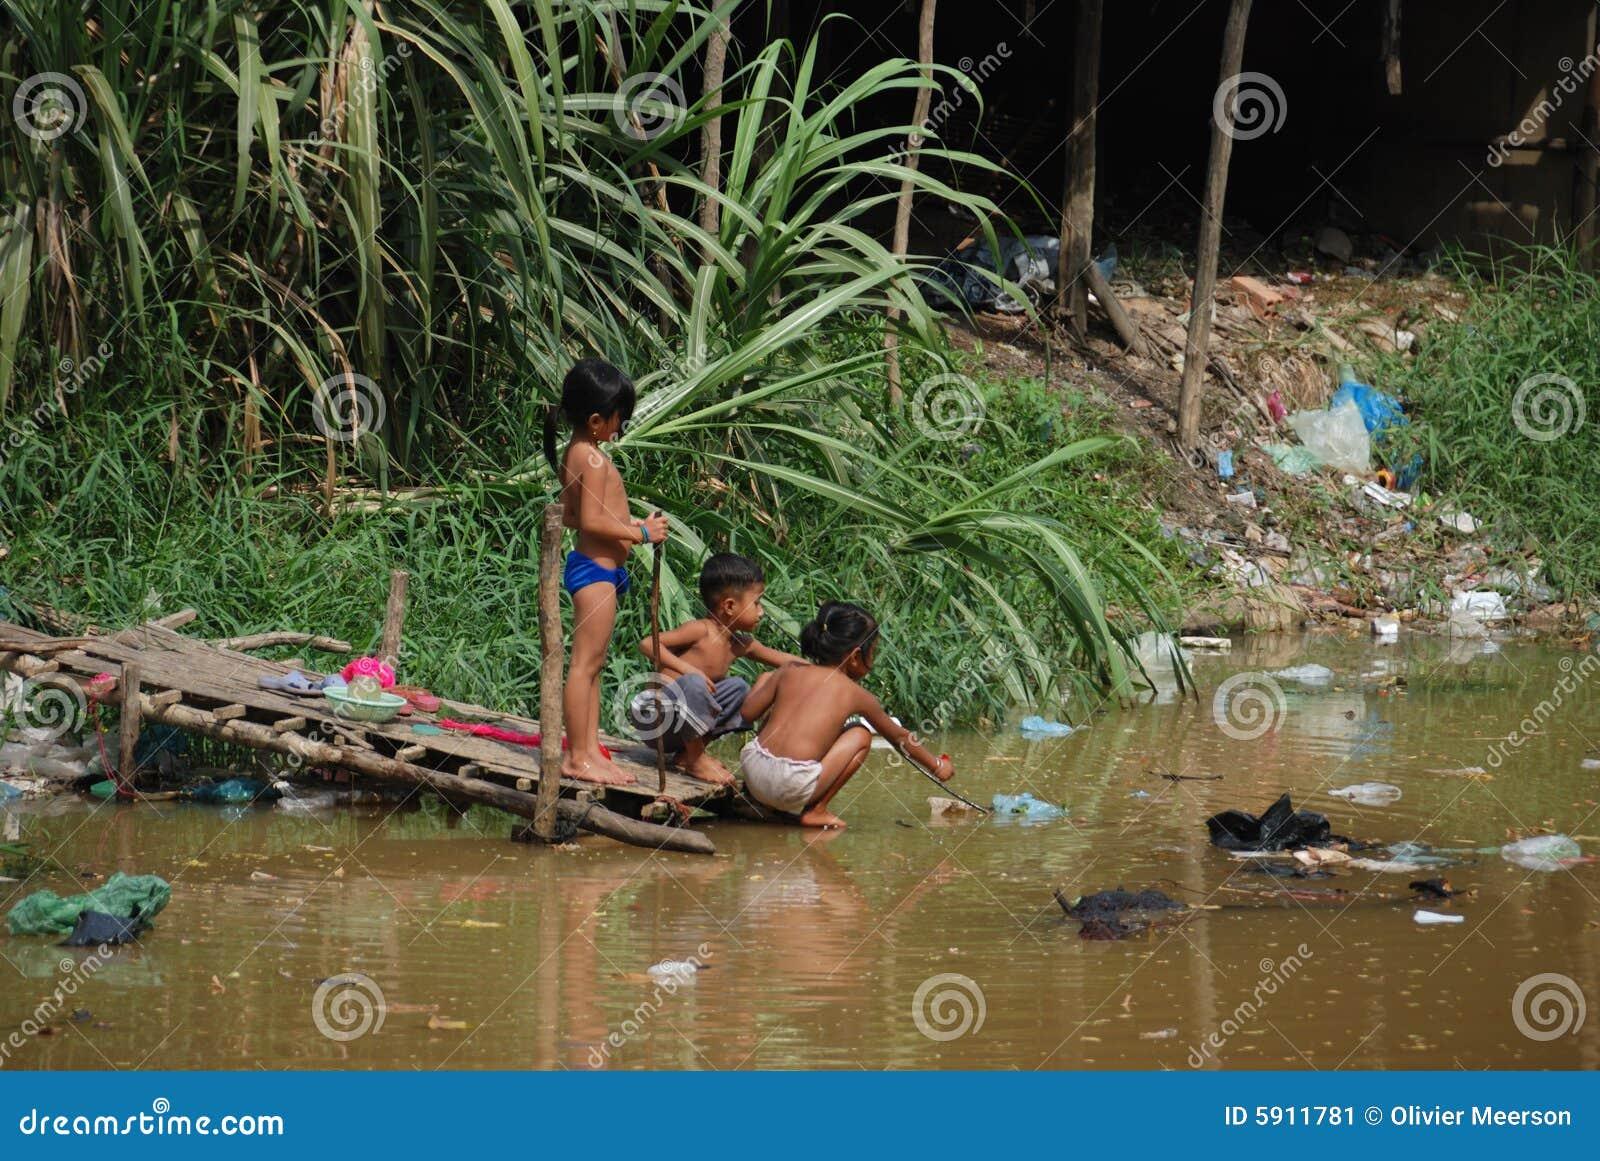 El jugar con la contaminación